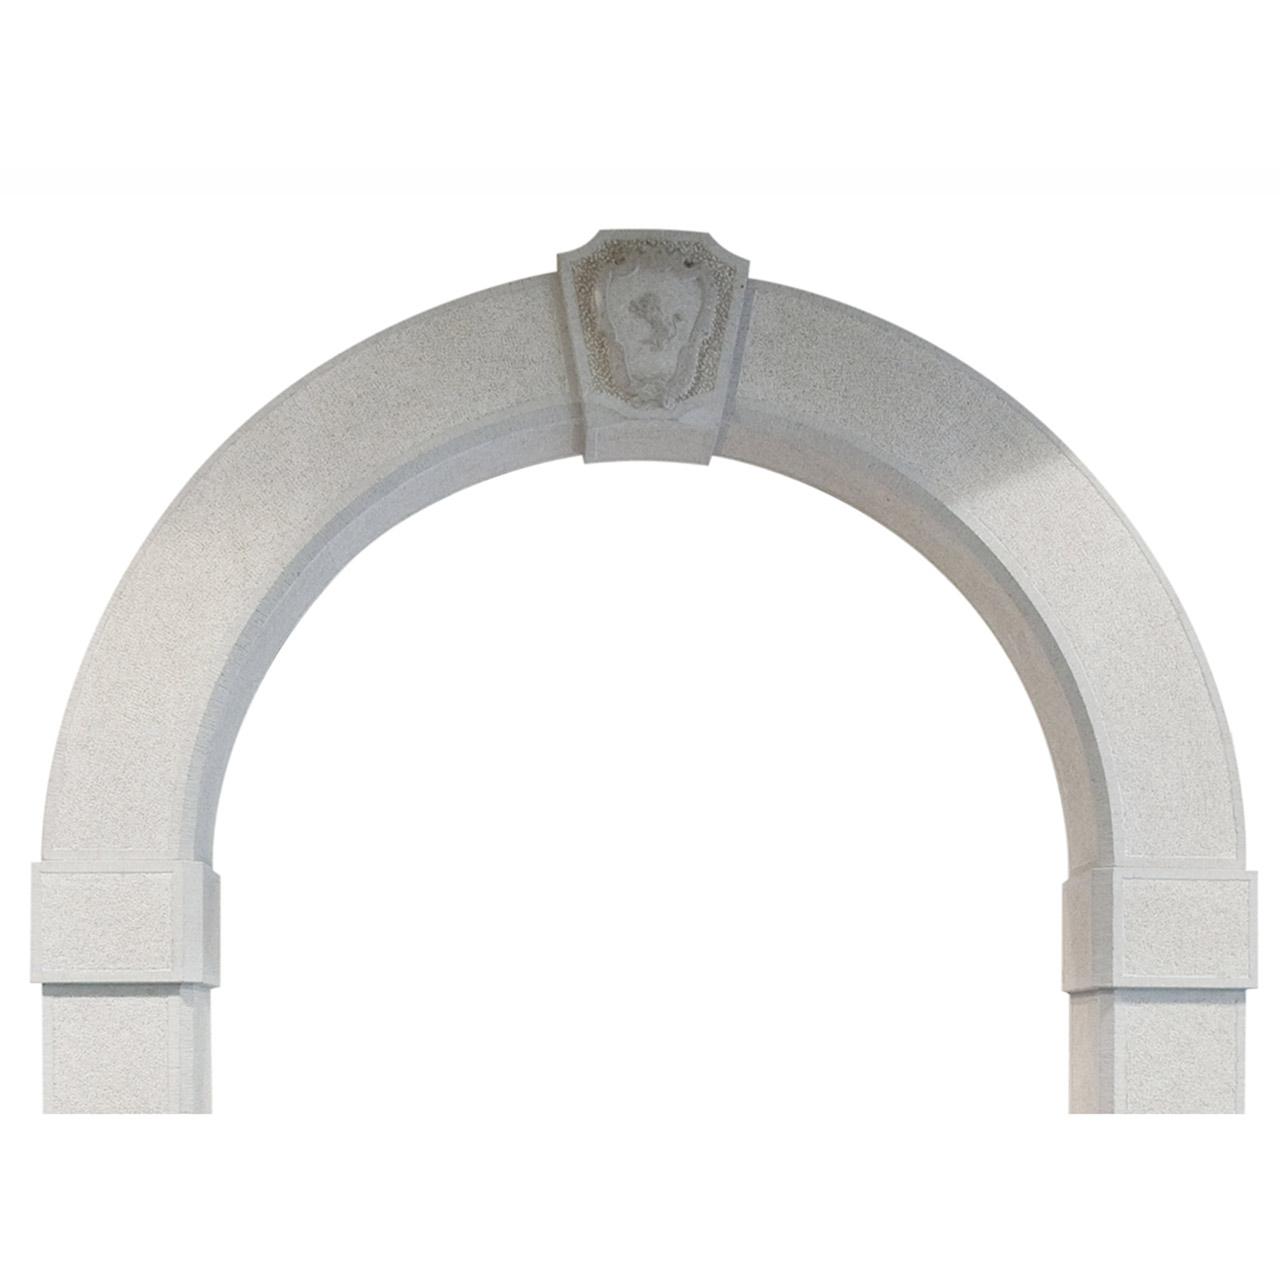 Particolare portale in pietra Lipica bucciardato e scalpellato